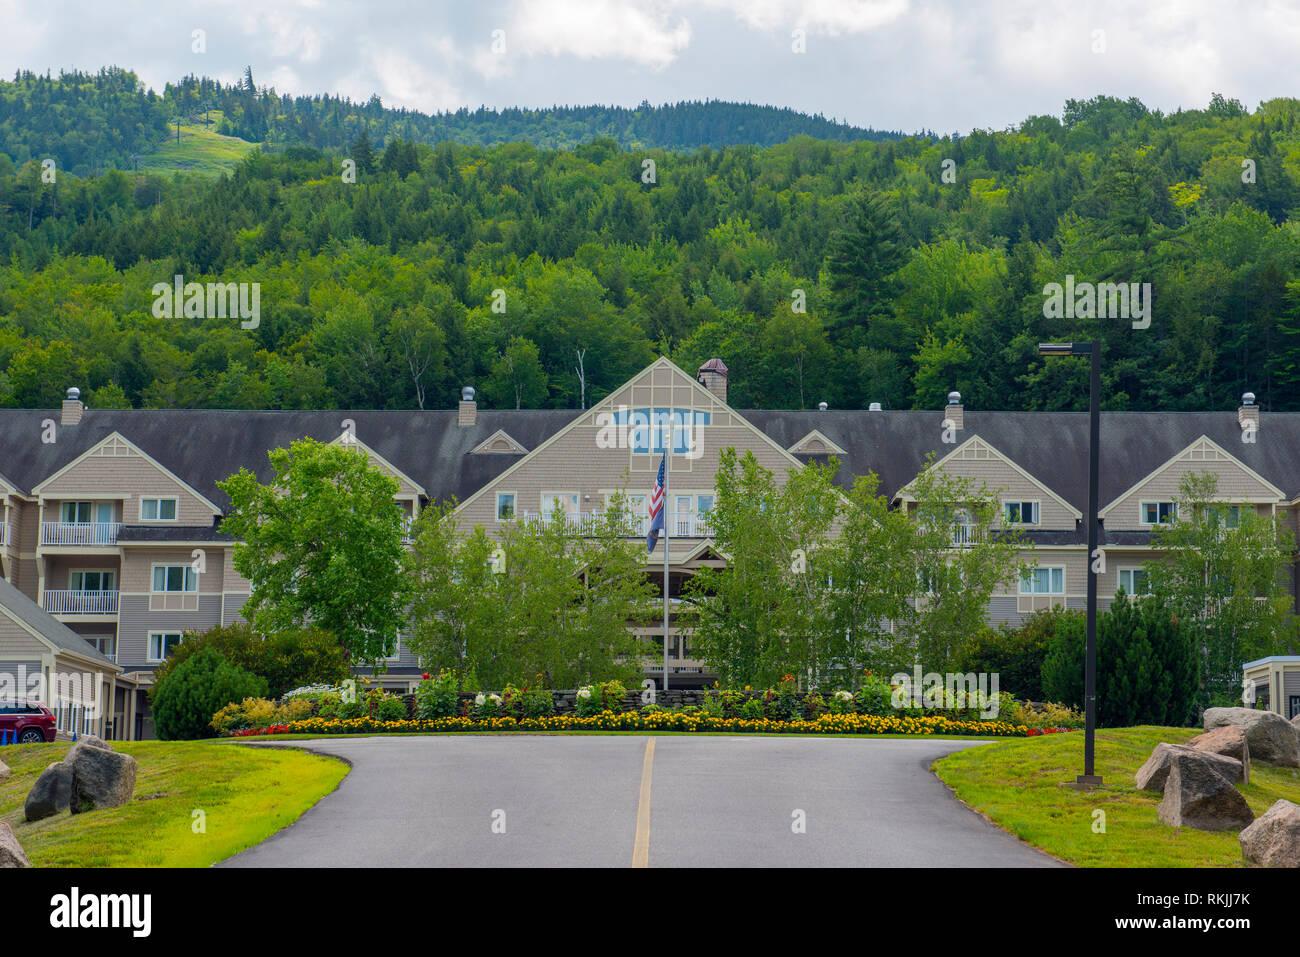 New Grand Hotel Stockfotos Und Bilder Kaufen Alamy